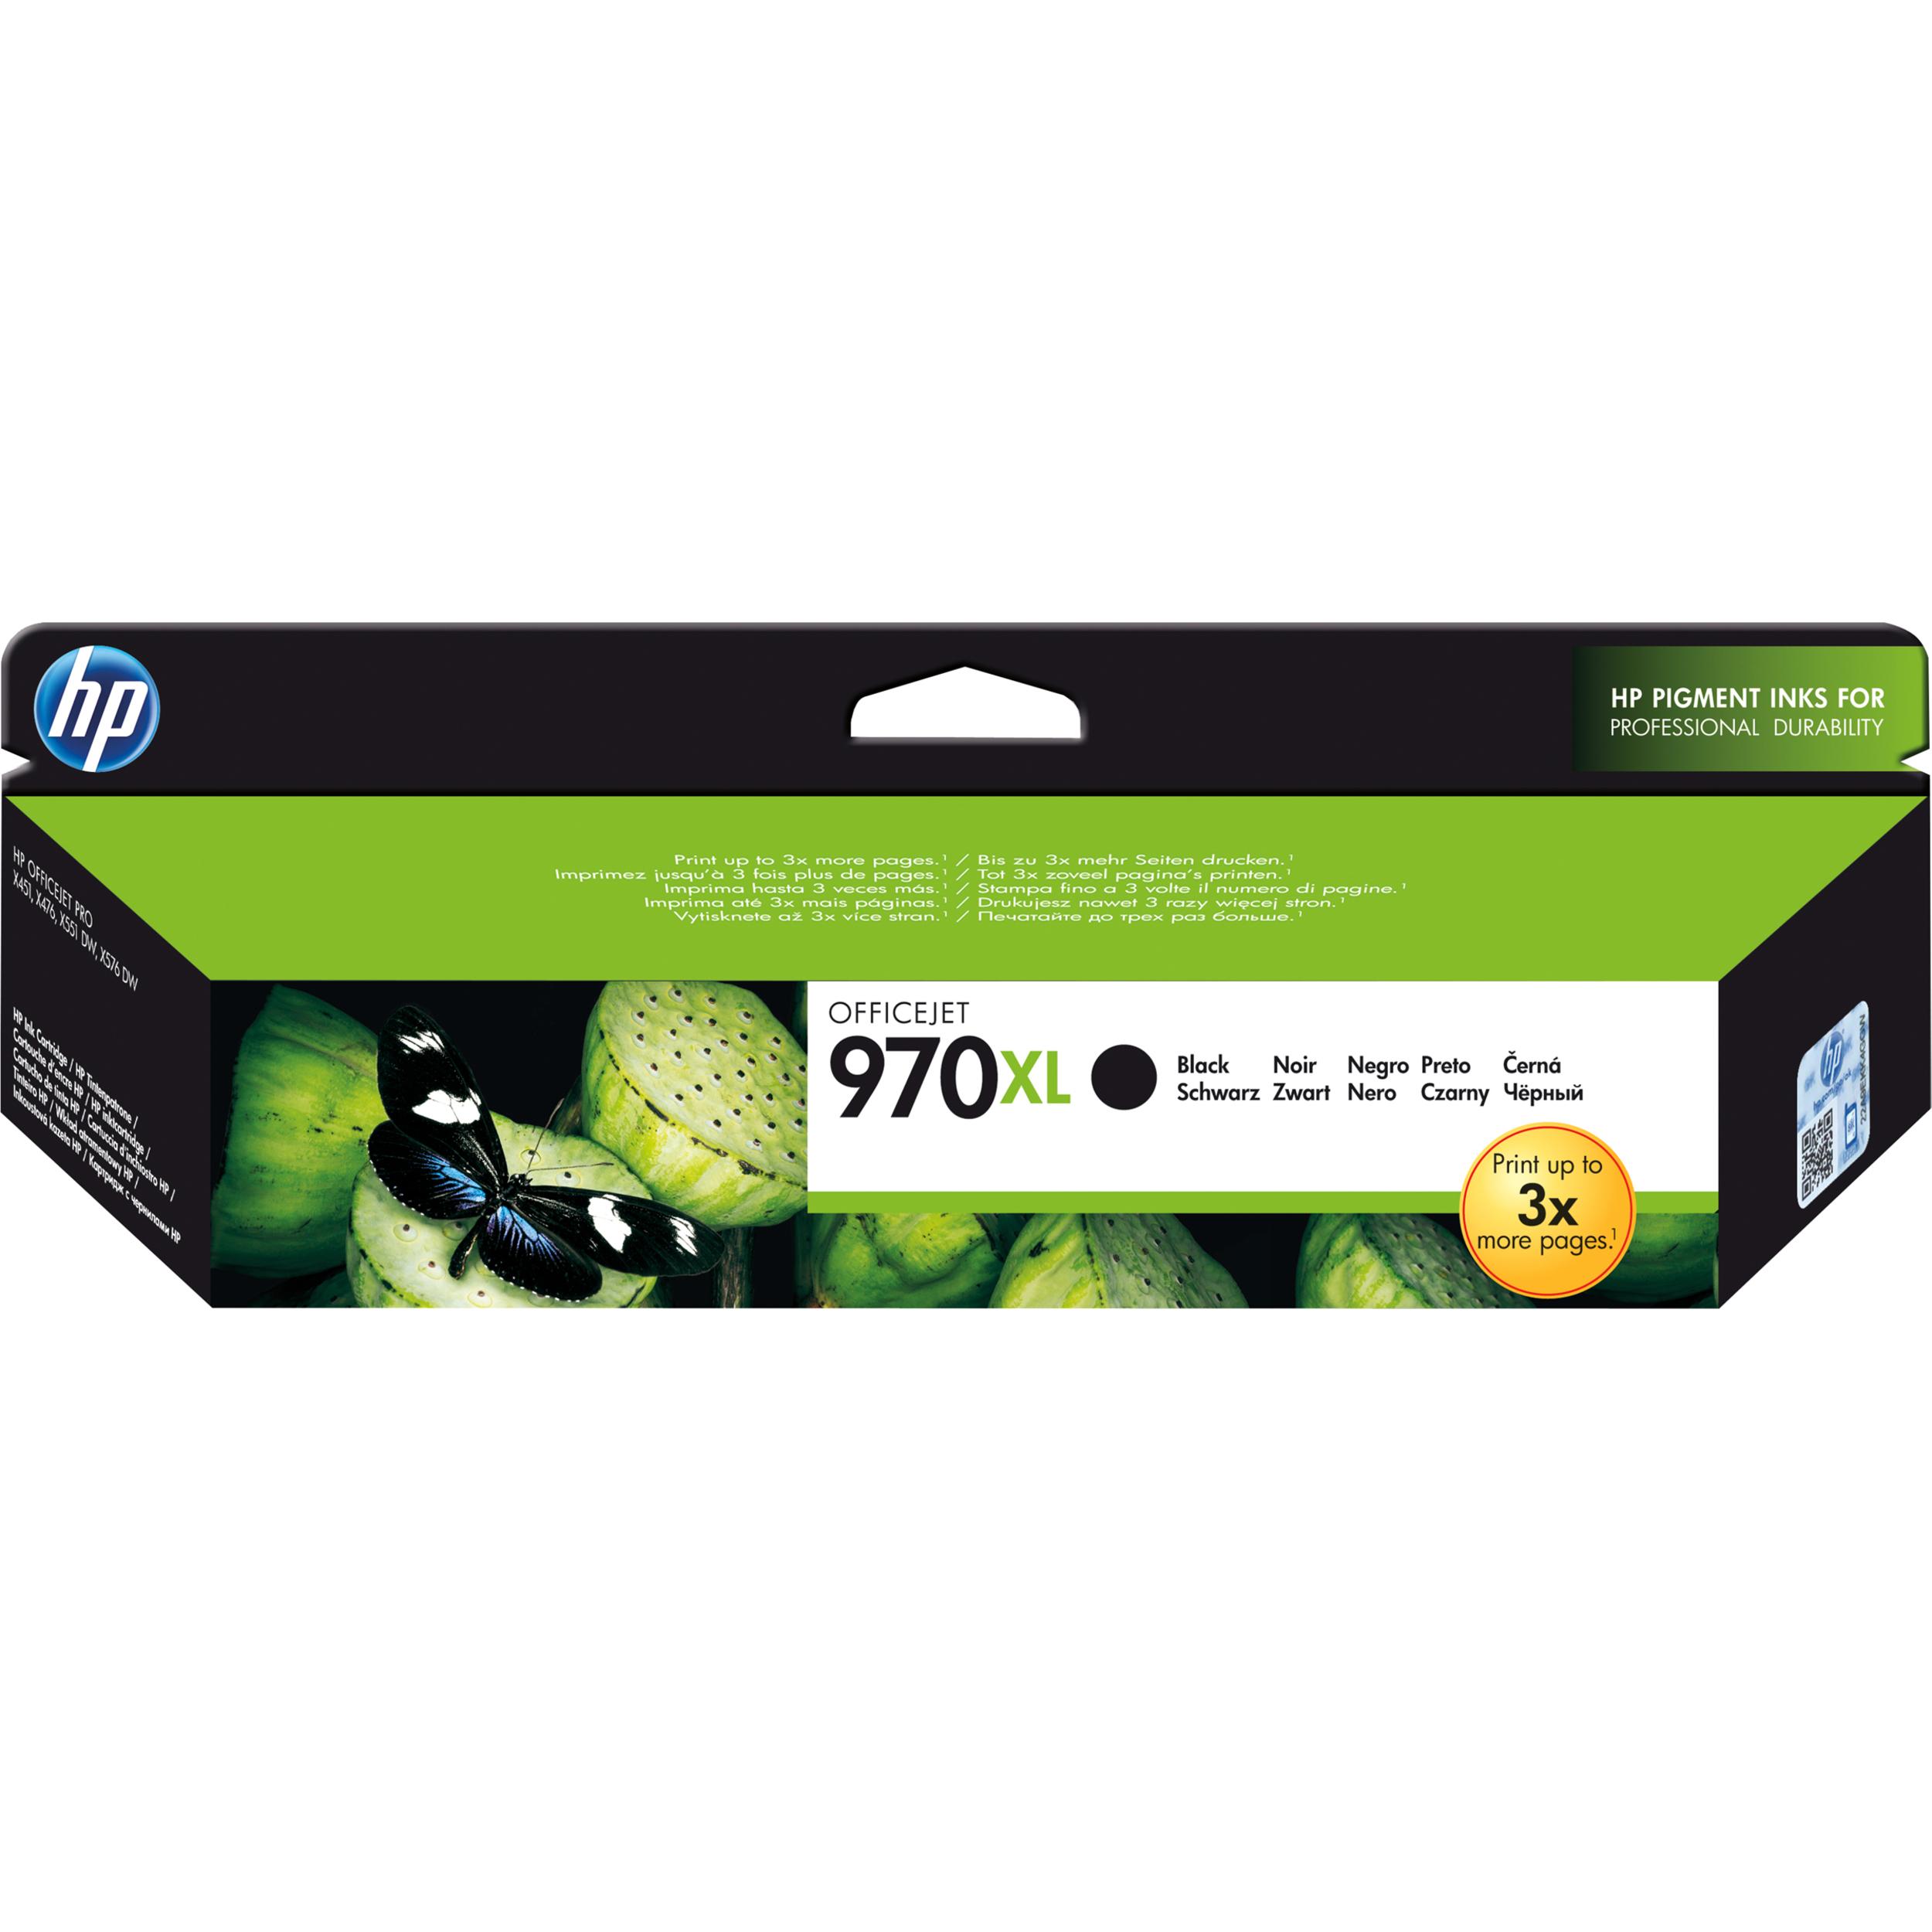 HP 971XL Ink Cartridge - Black